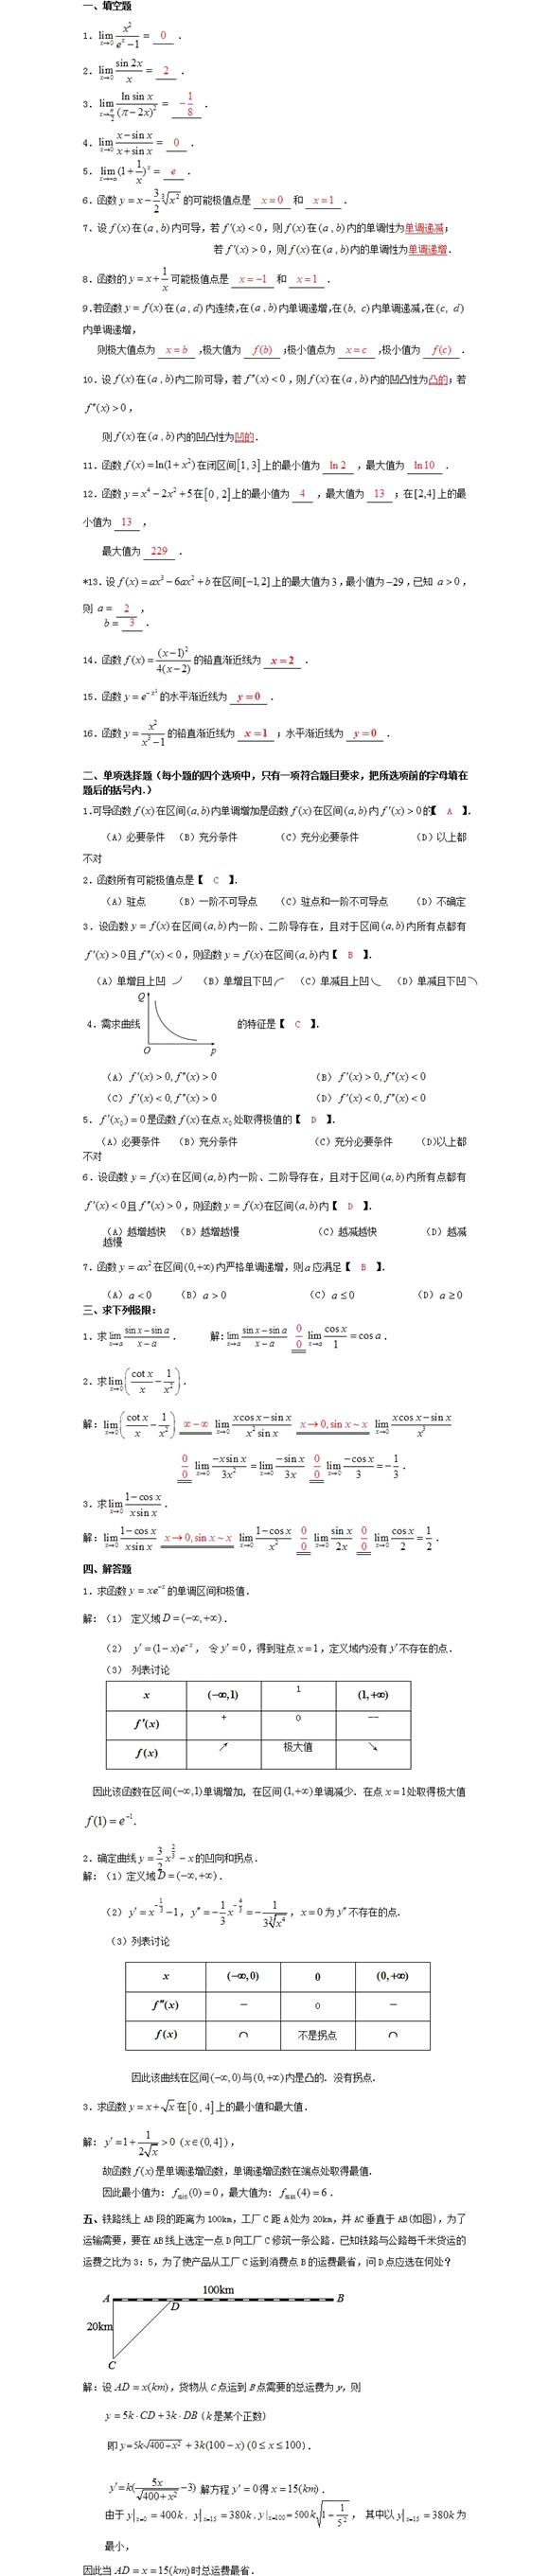 2019成人高考专升本《数学》精选提升练习及答案(1)